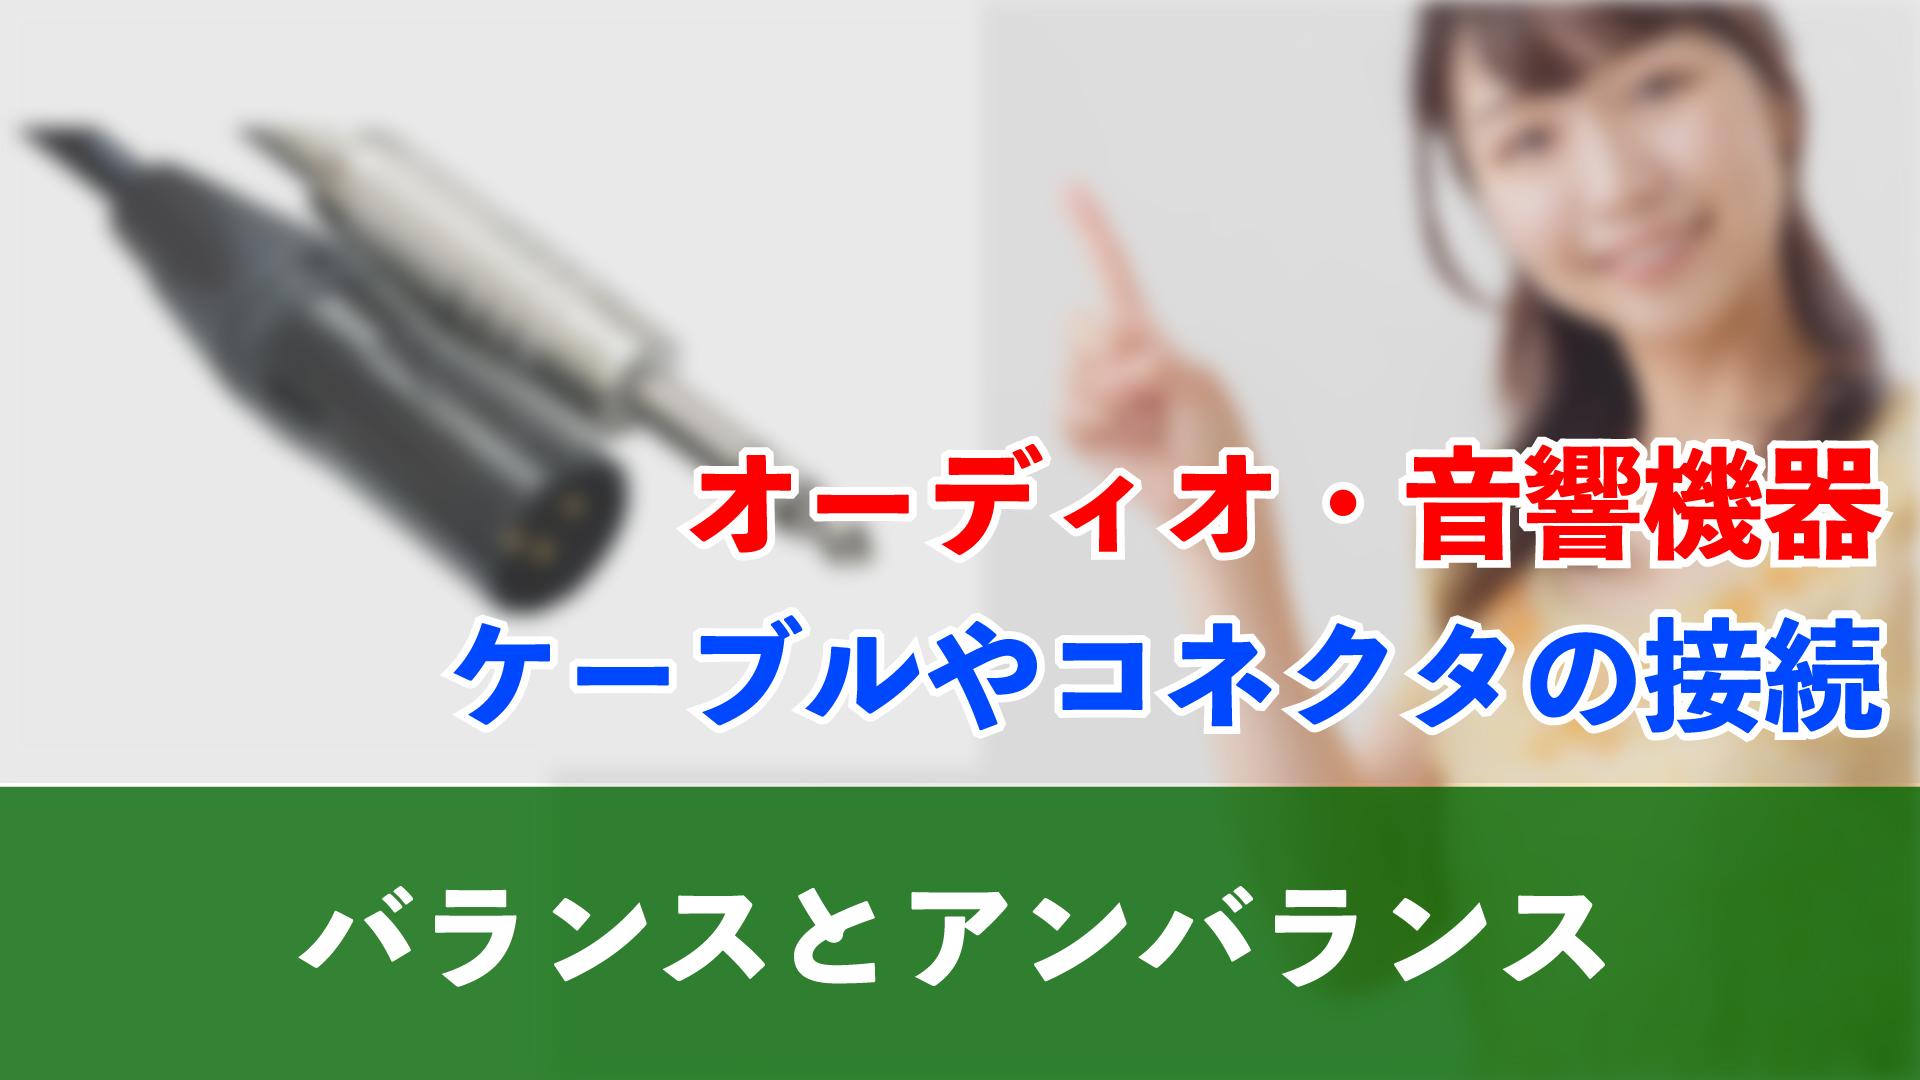 バランスとアンバランス【オーディオ機器のケーブル接続】_thumbnail